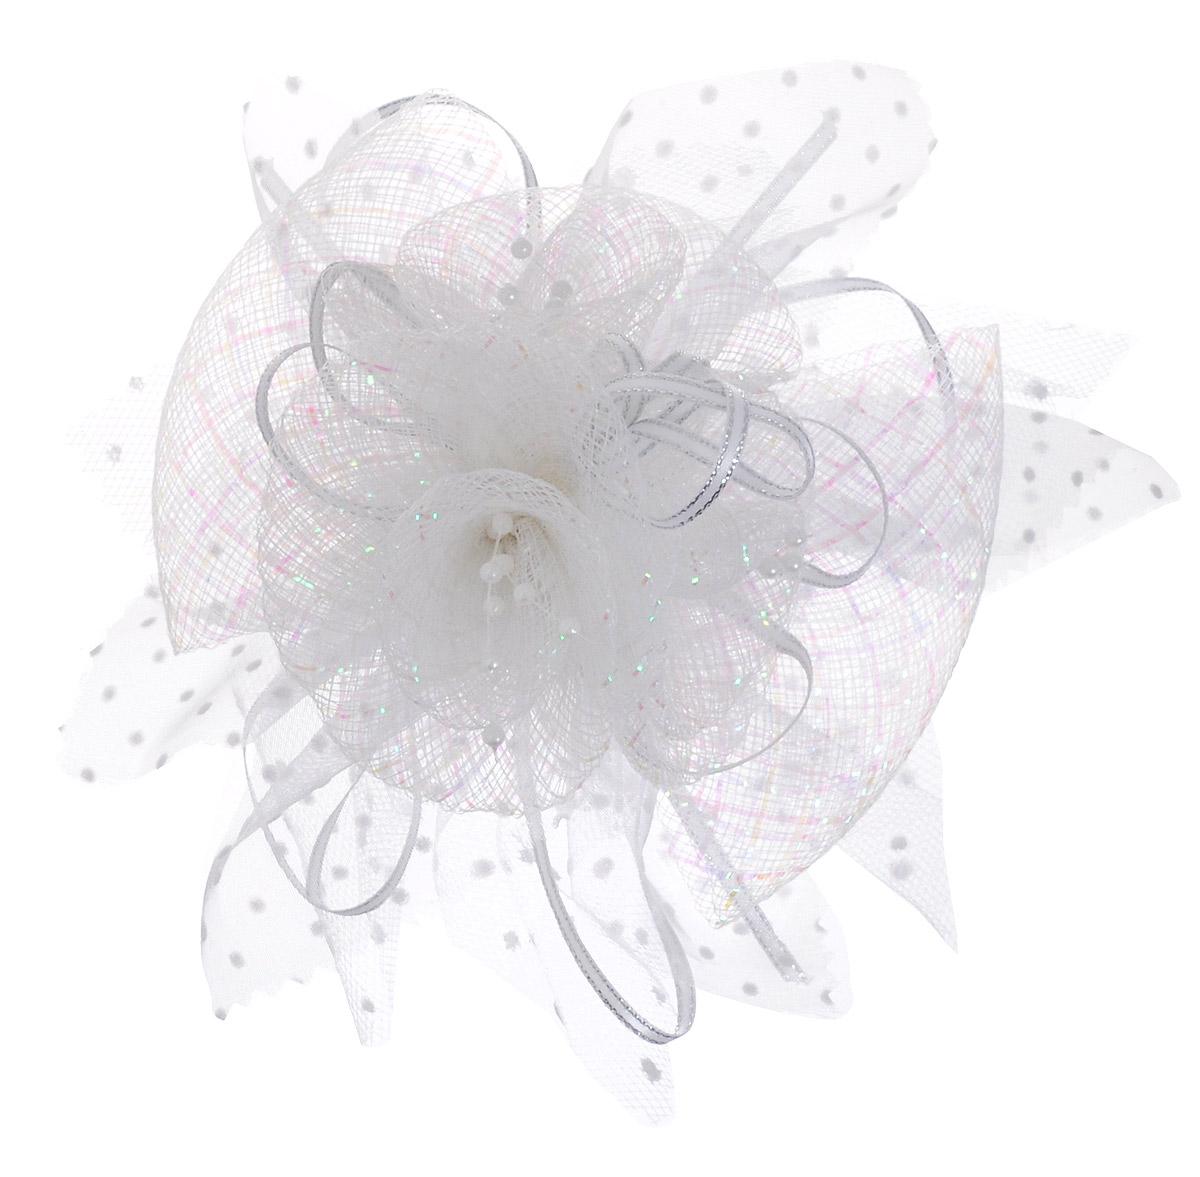 Babys Joy Зажим для волос цвет белый K 9K 9_белыйЗажим для волос Babys Joy выполнен из металла и декорирован большим бантом из органзы с лентой из люрекса.Зажим позволит убрать непослушные волосы со лба и придаст образу немного романтичности и очарования.